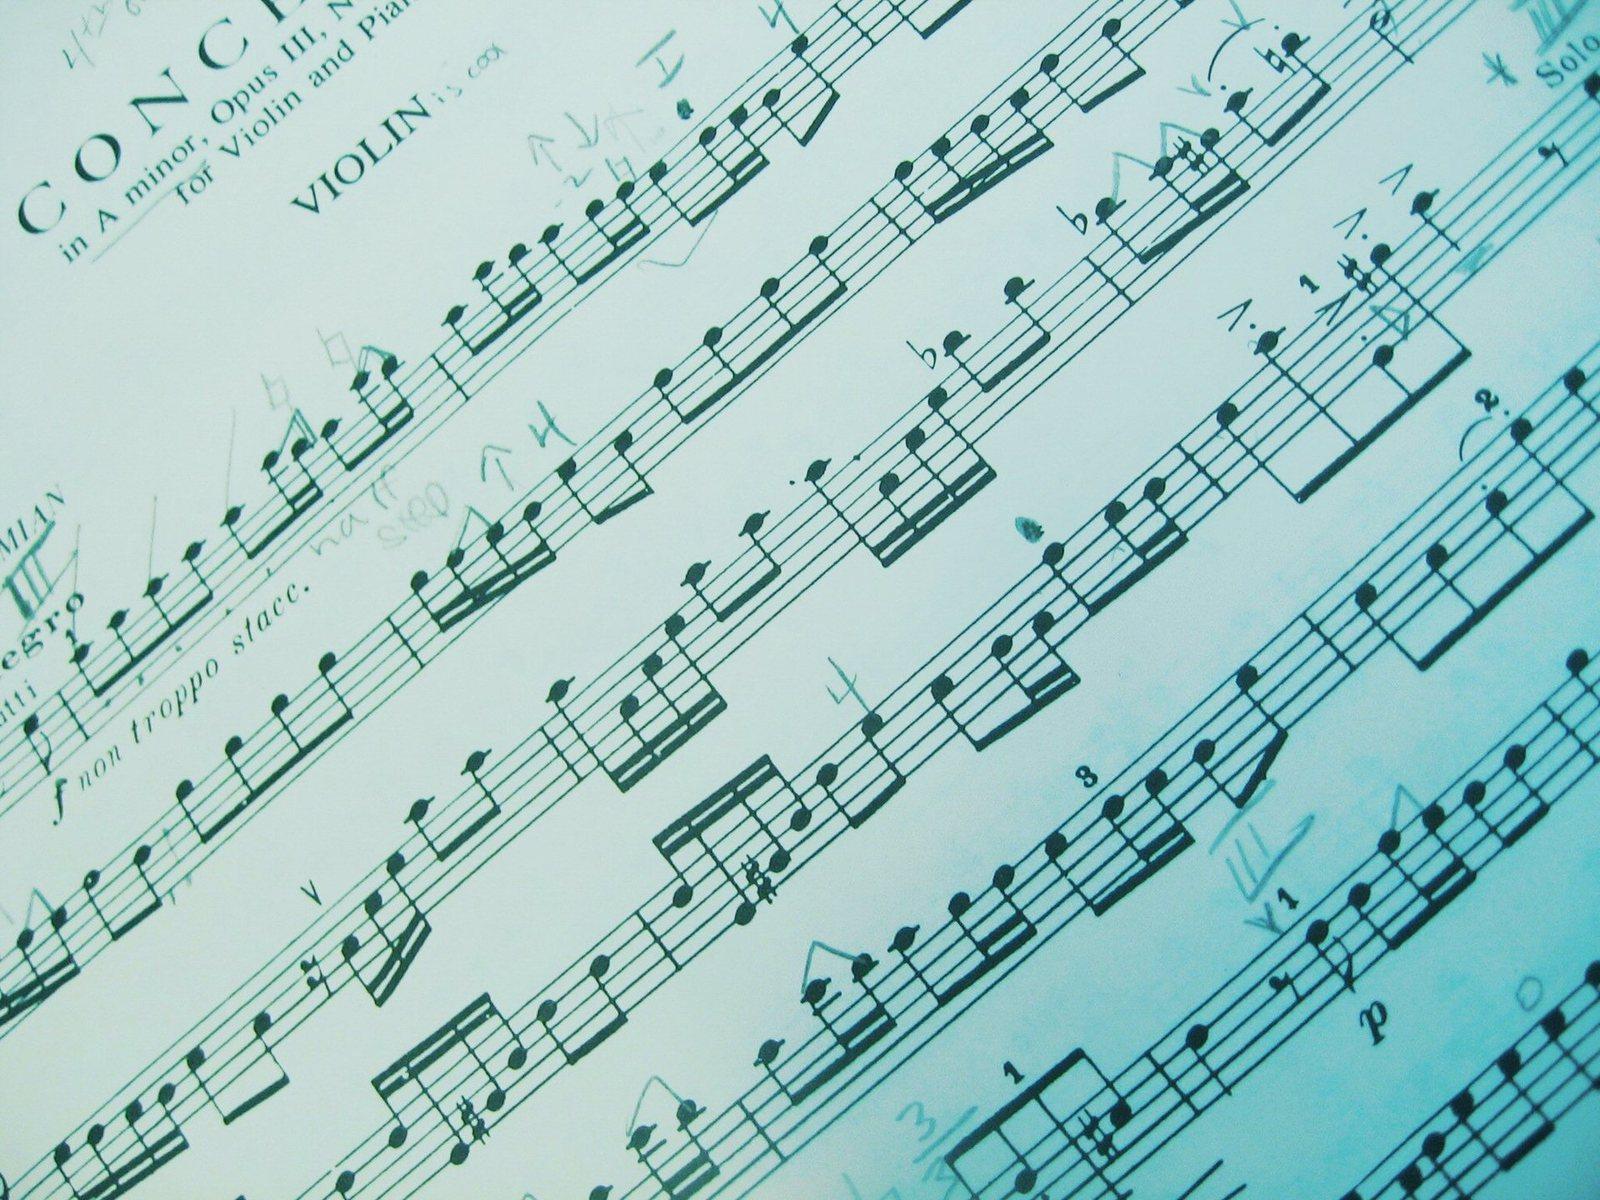 sheet-music-1548203-1600x1200